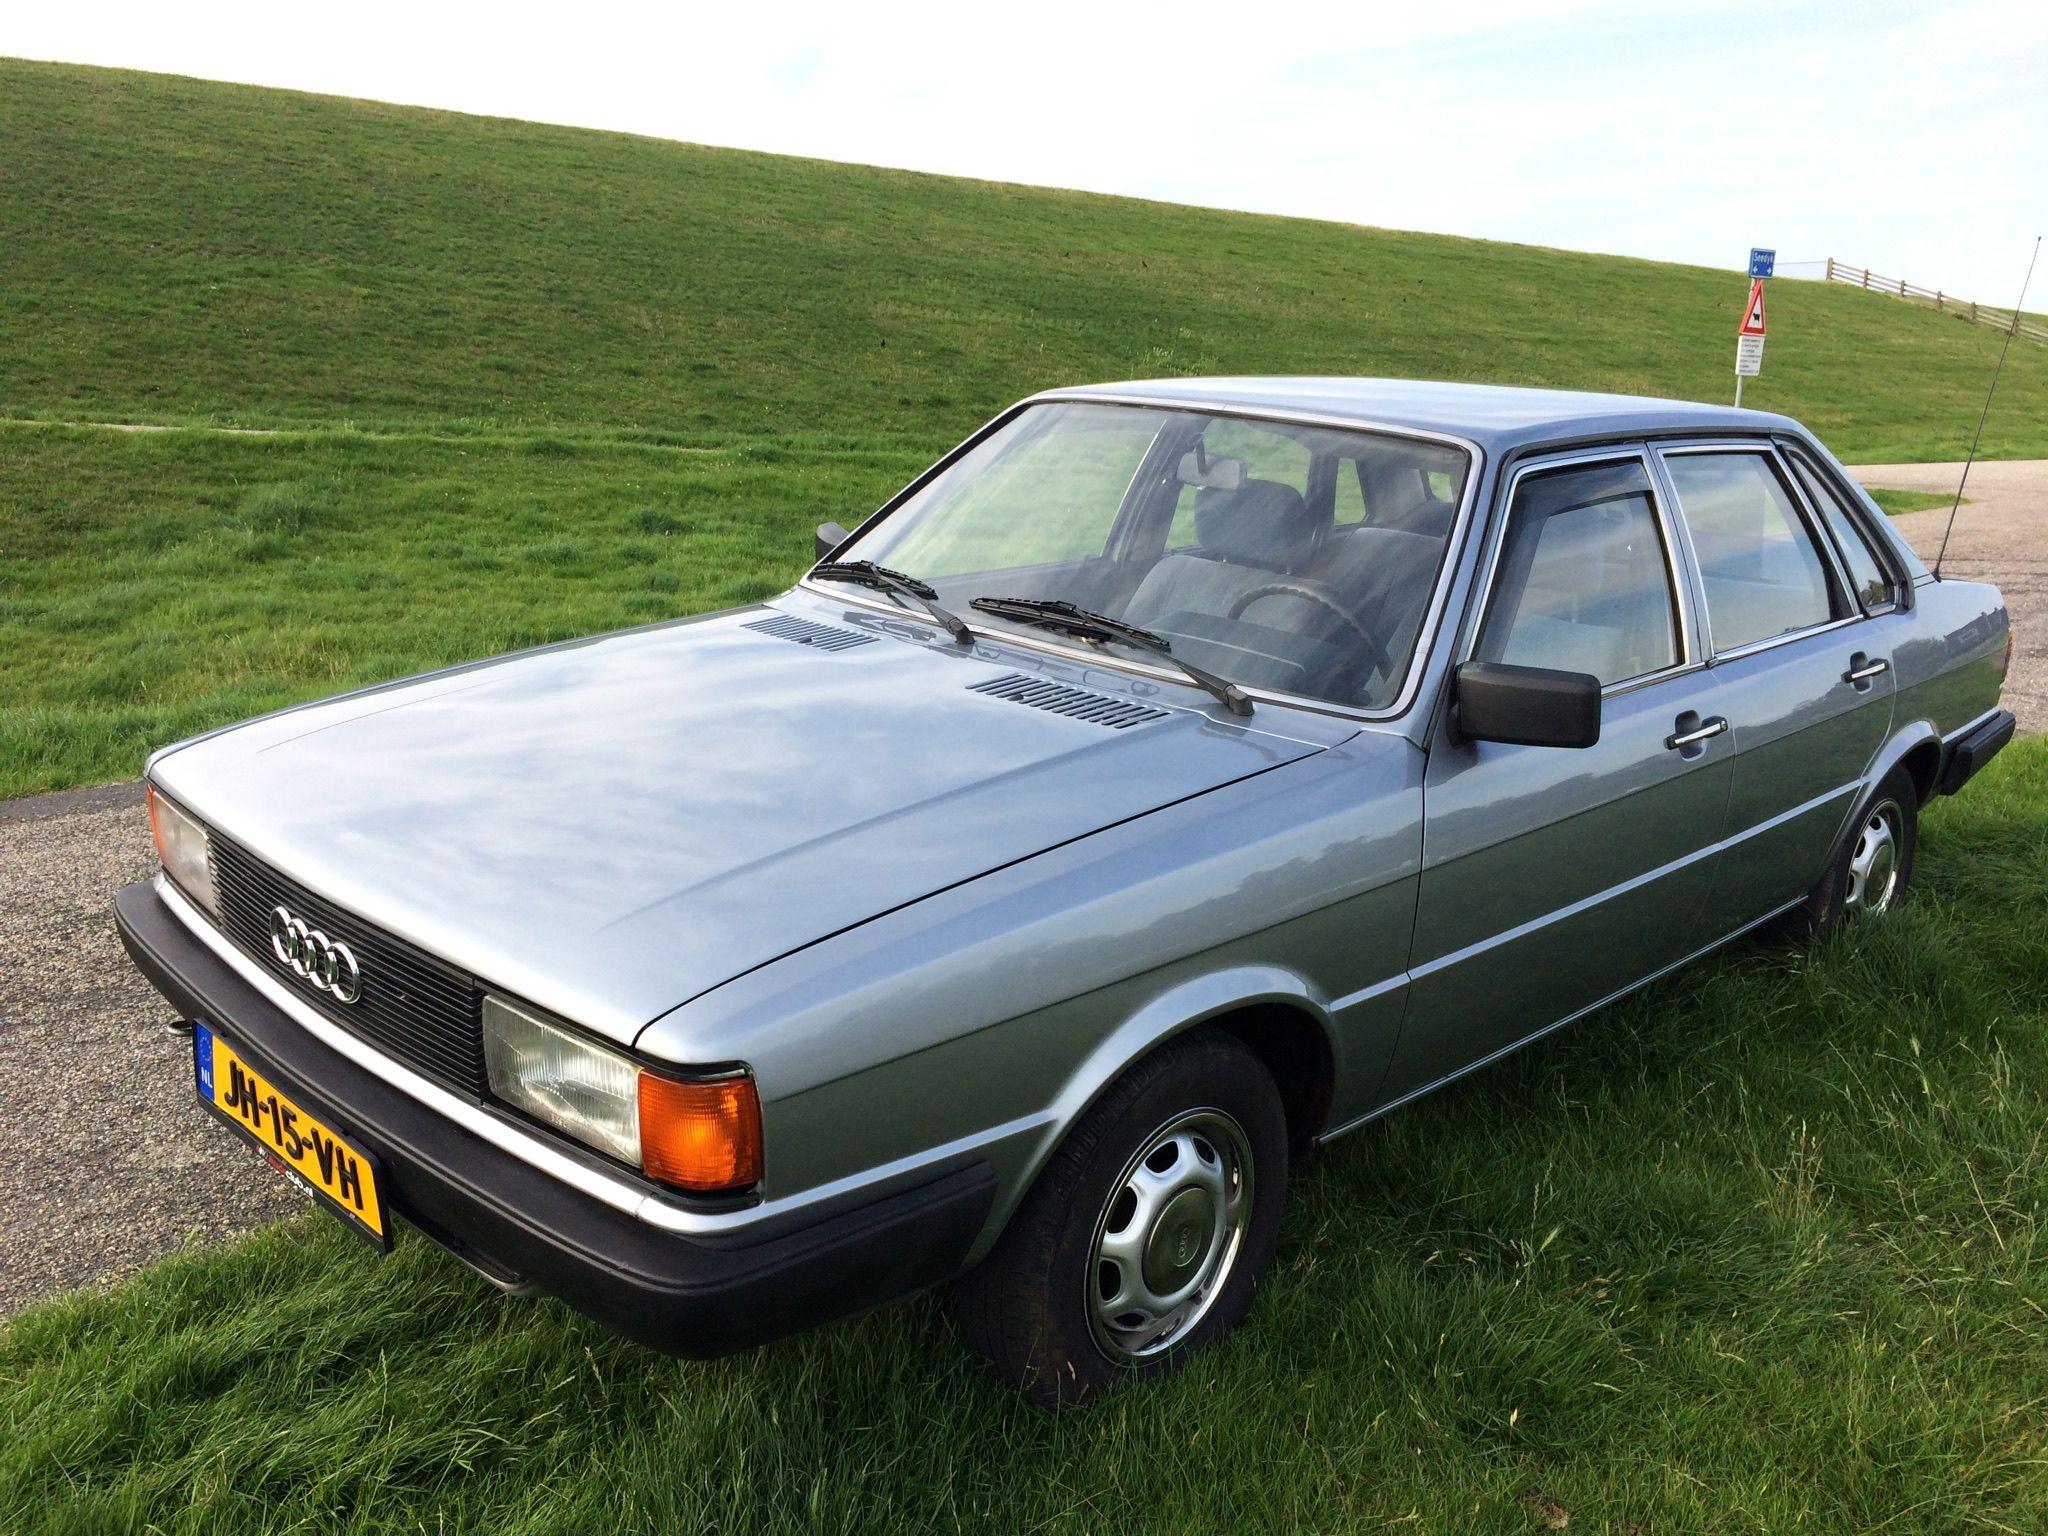 Audi 80 1983 pinterst com  c64e99de2af8fca9fdd1b0557791262c